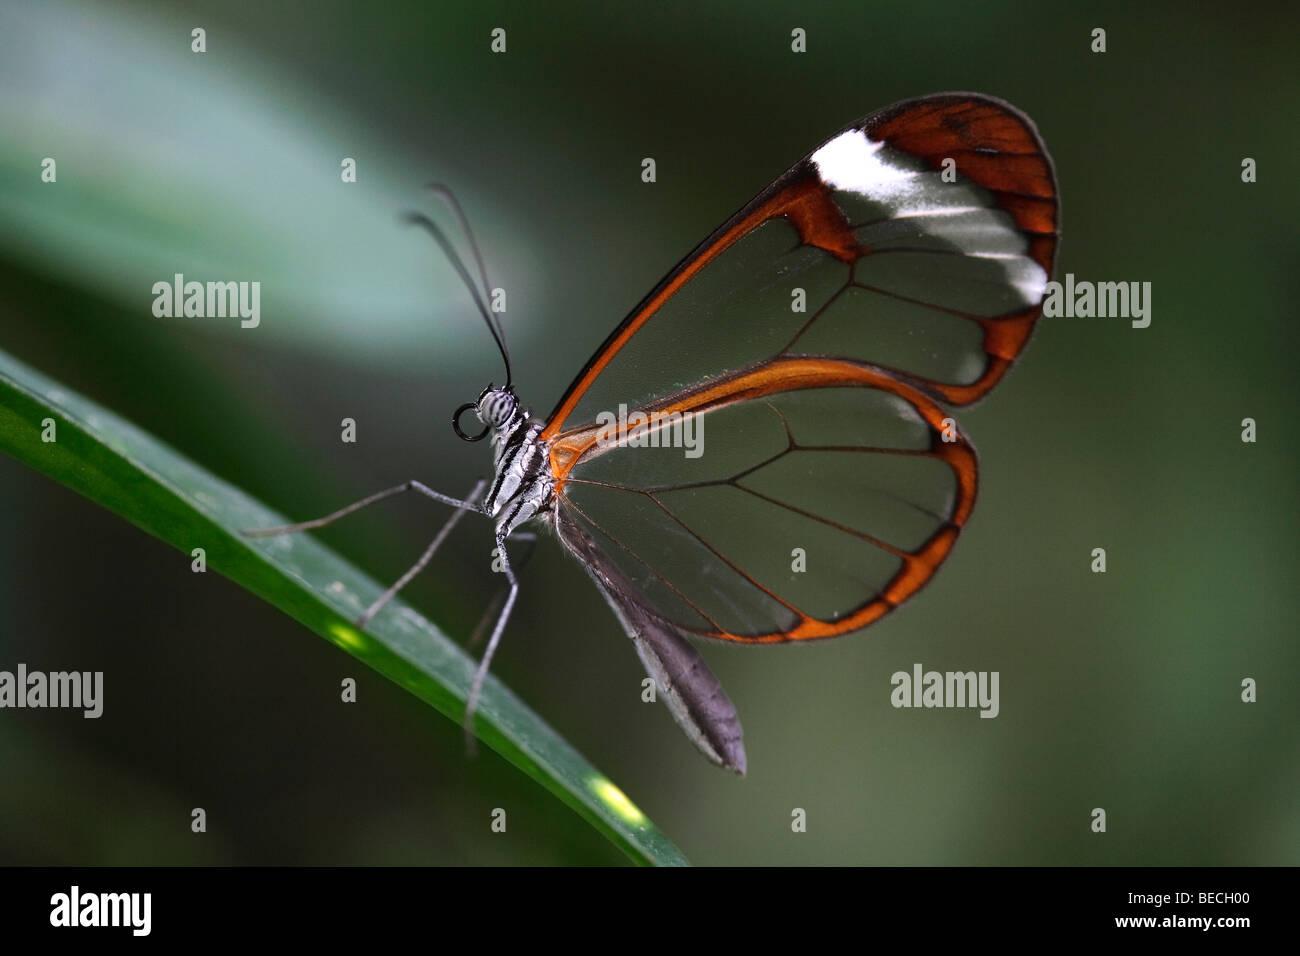 Glas Flügel Schmetterling (Greta Oto), südamerikanische Schmetterling Stockfoto